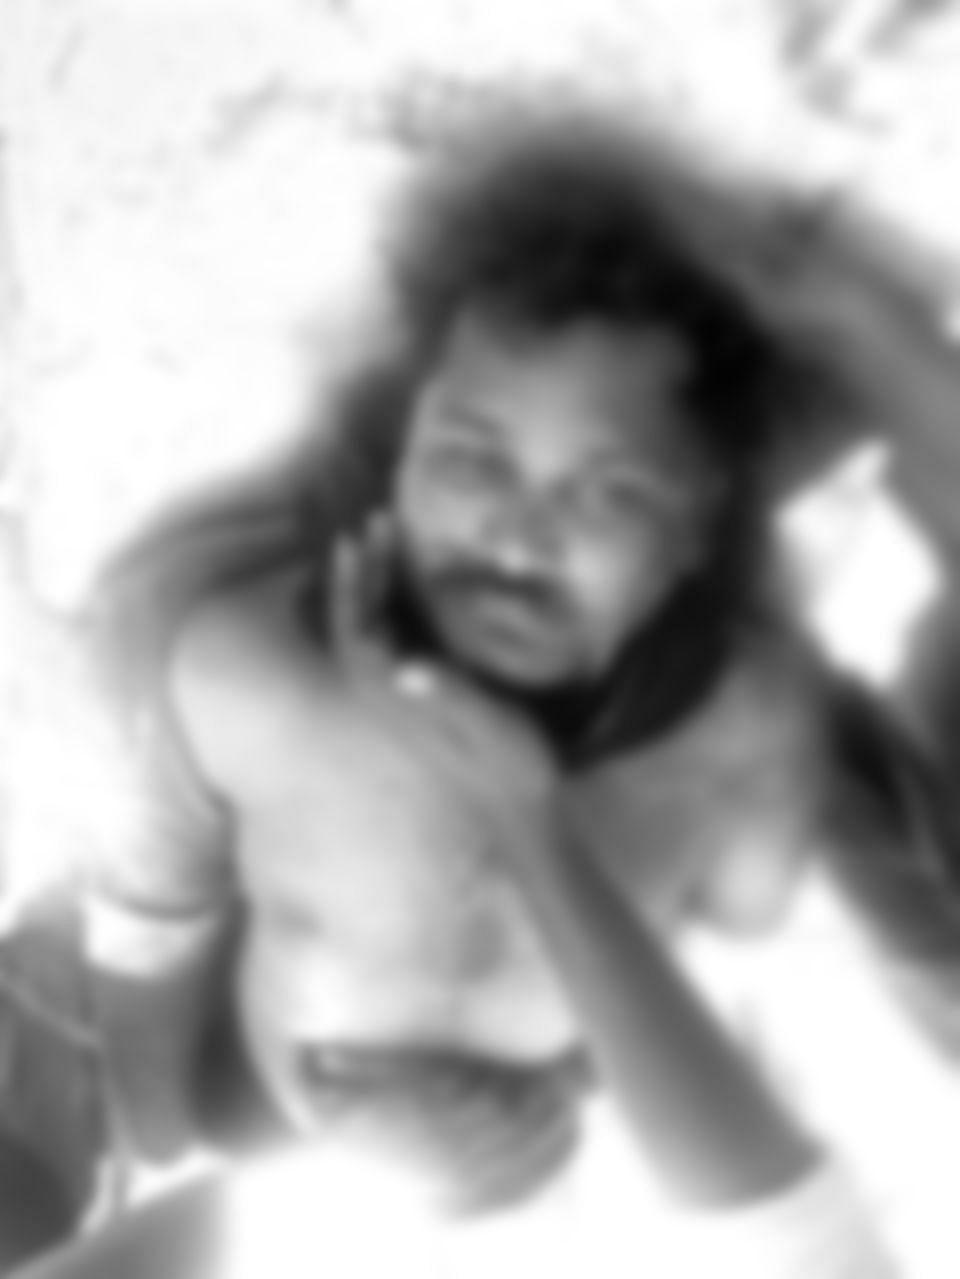 நண்பரால் வெட்டப்பட்ட காவலர் ரபீக் முகம்மது